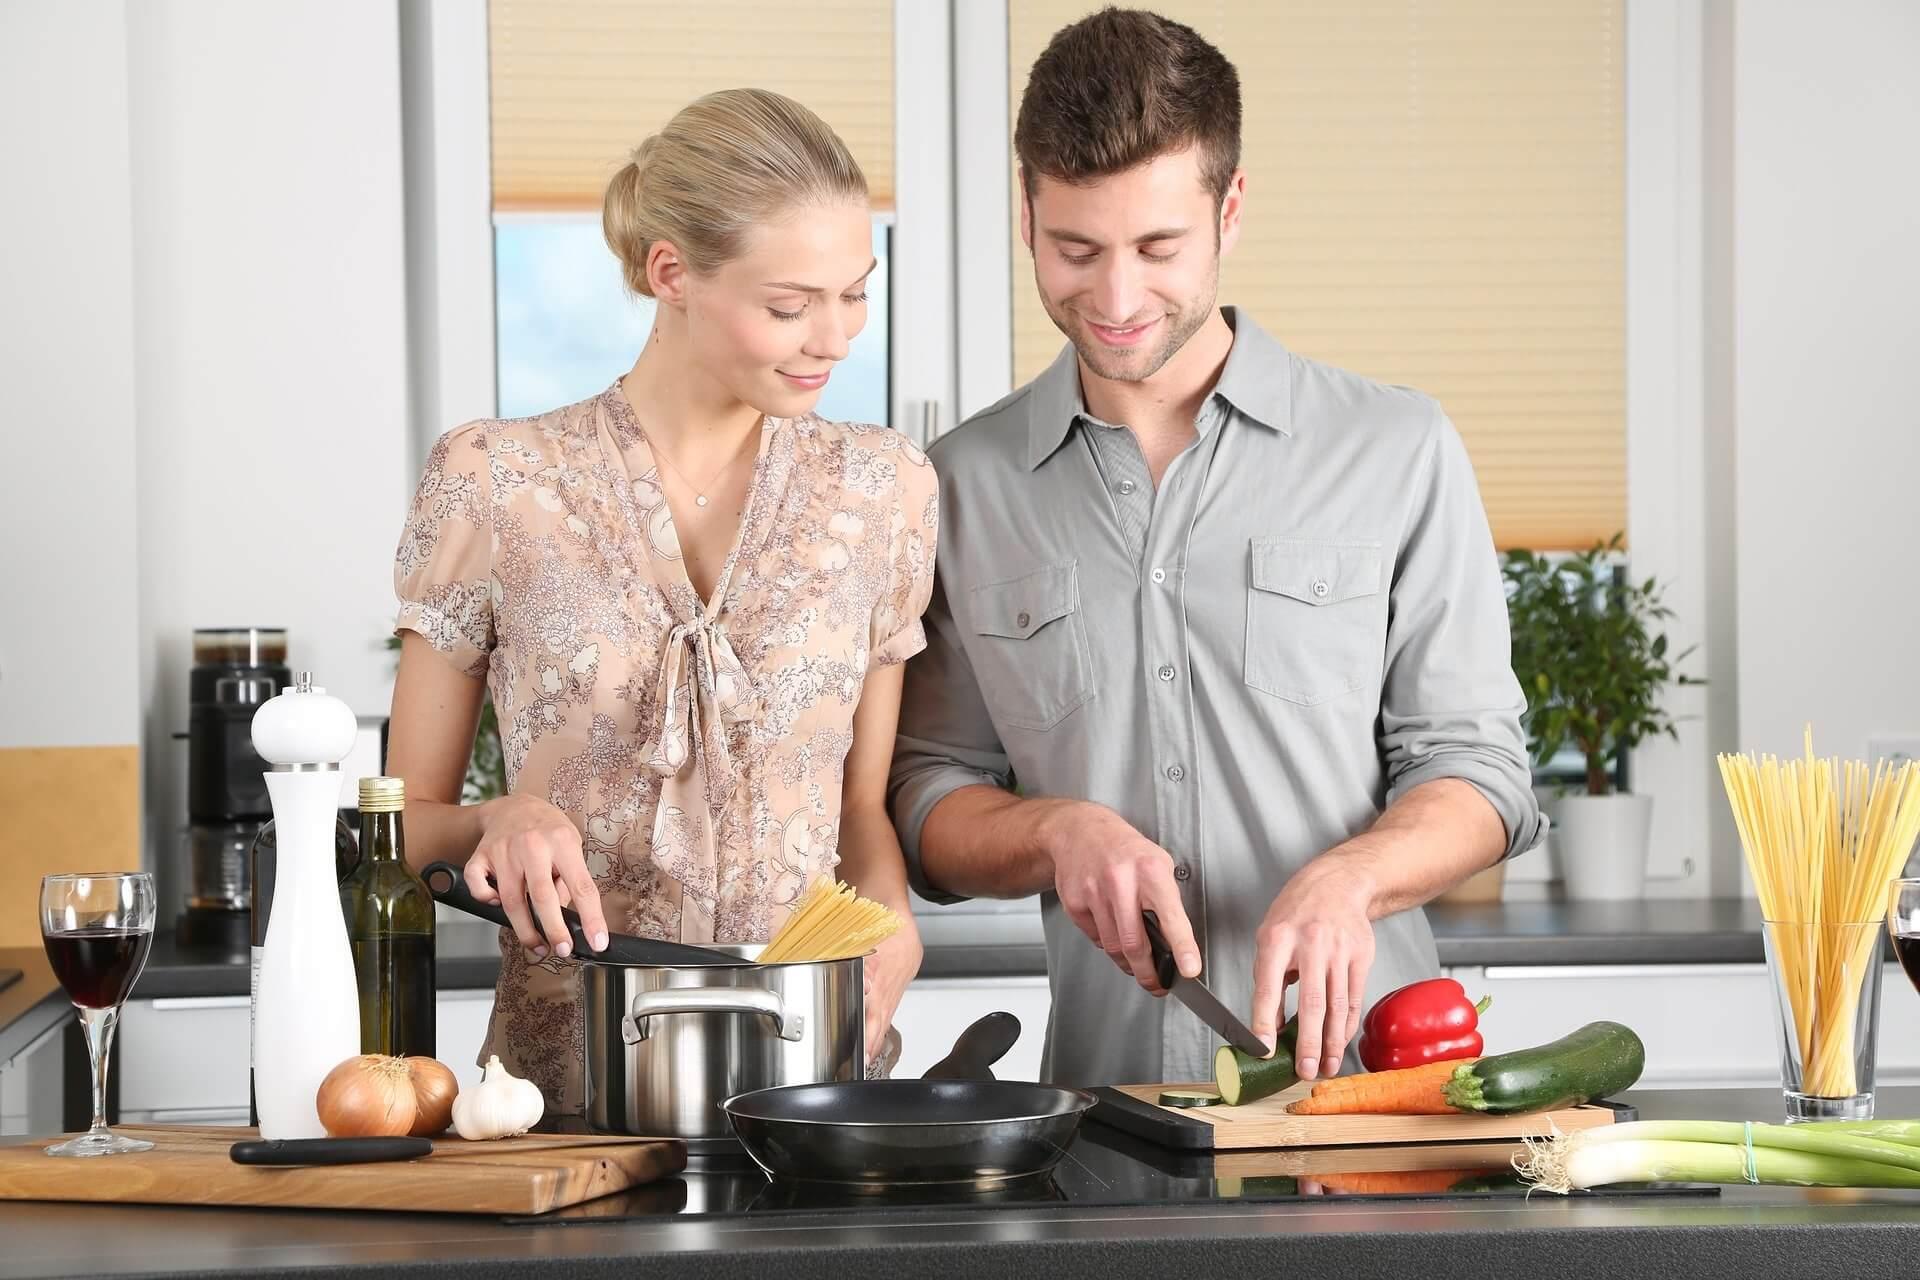 Frau und Mann kochen zusammen in der Küche